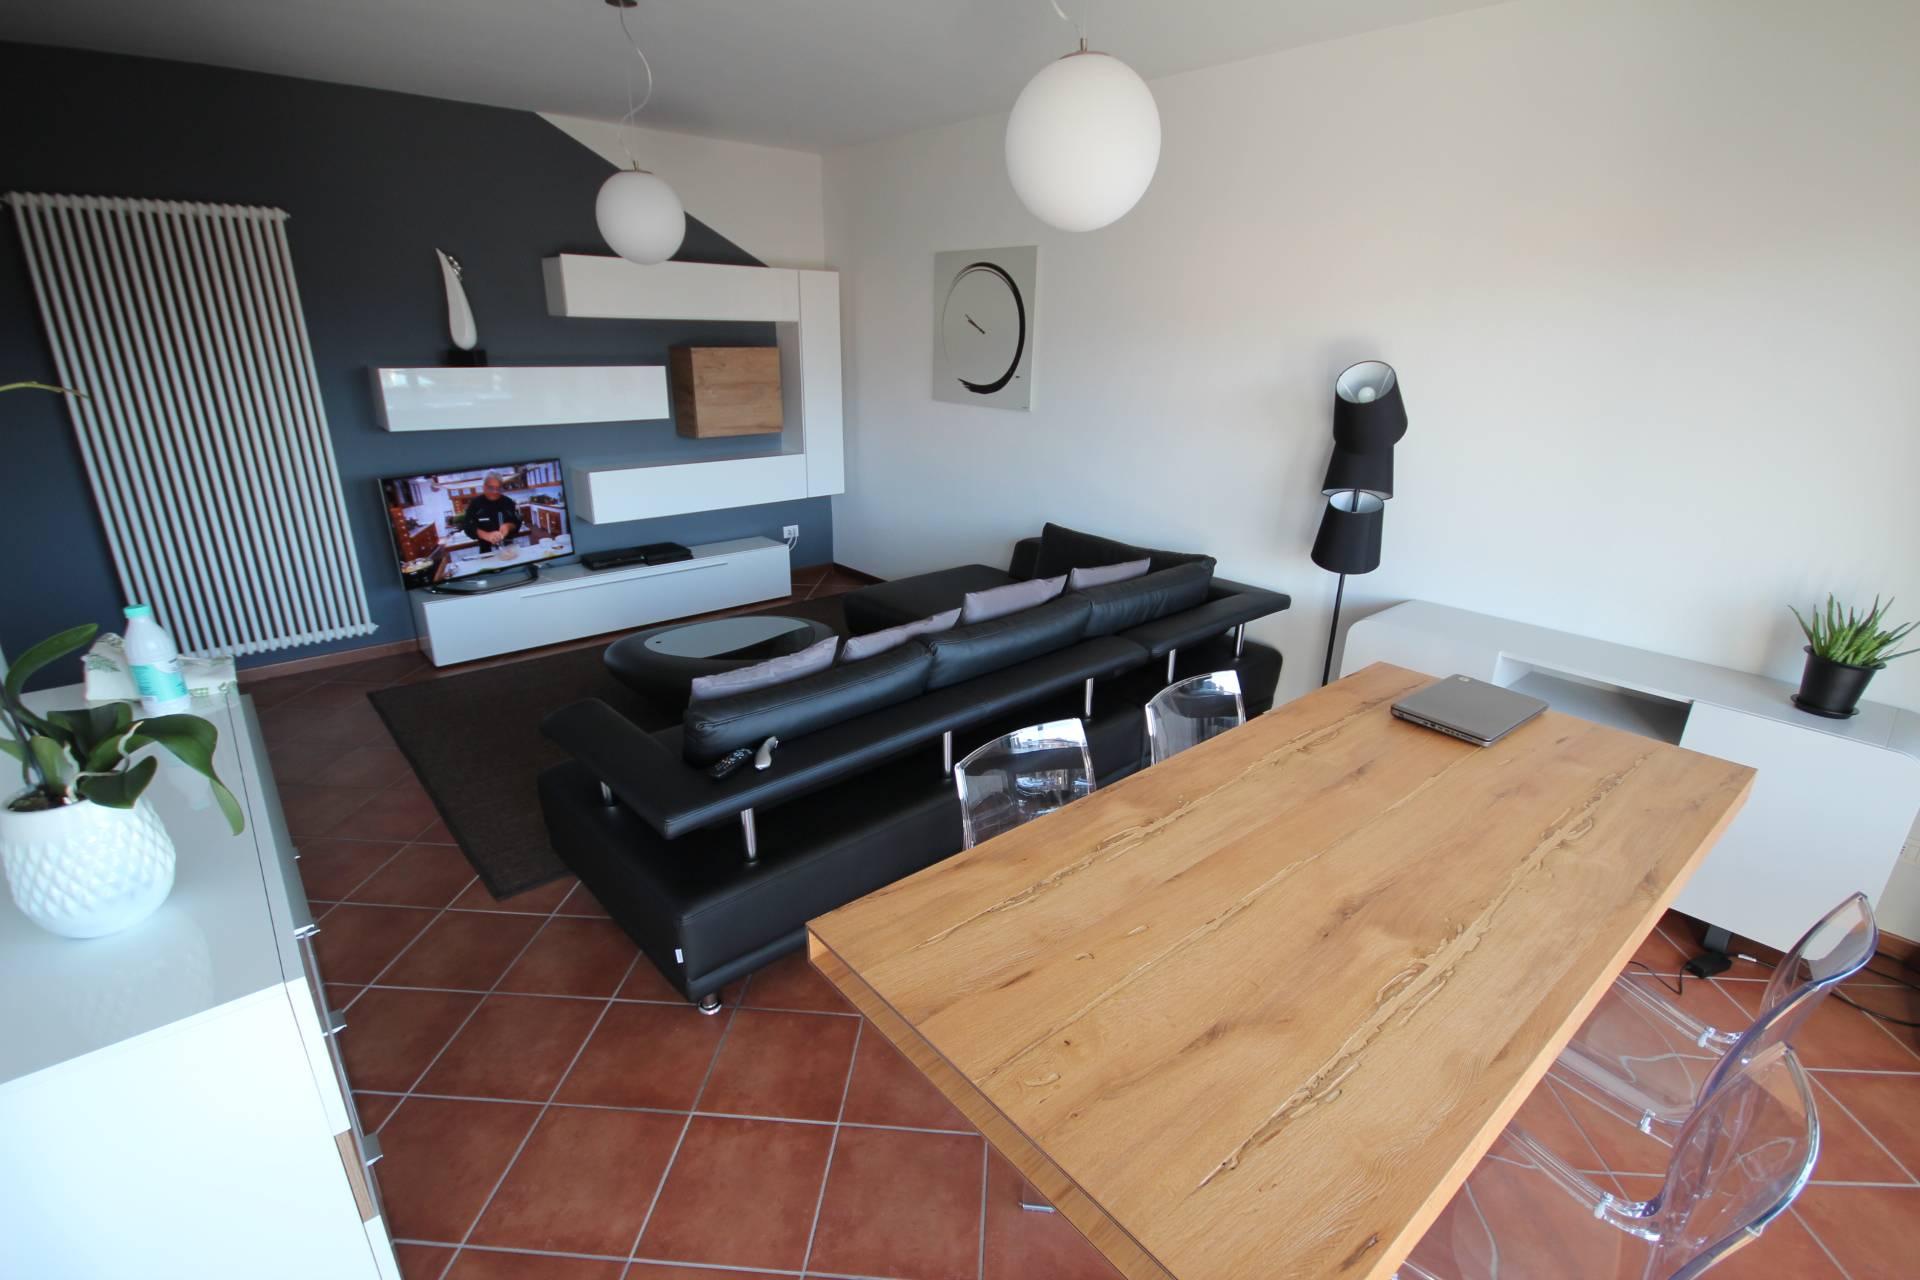 Appartamento in vendita a Verbania, 3 locali, zona Località: Intracentro, prezzo € 280.000 | Cambio Casa.it